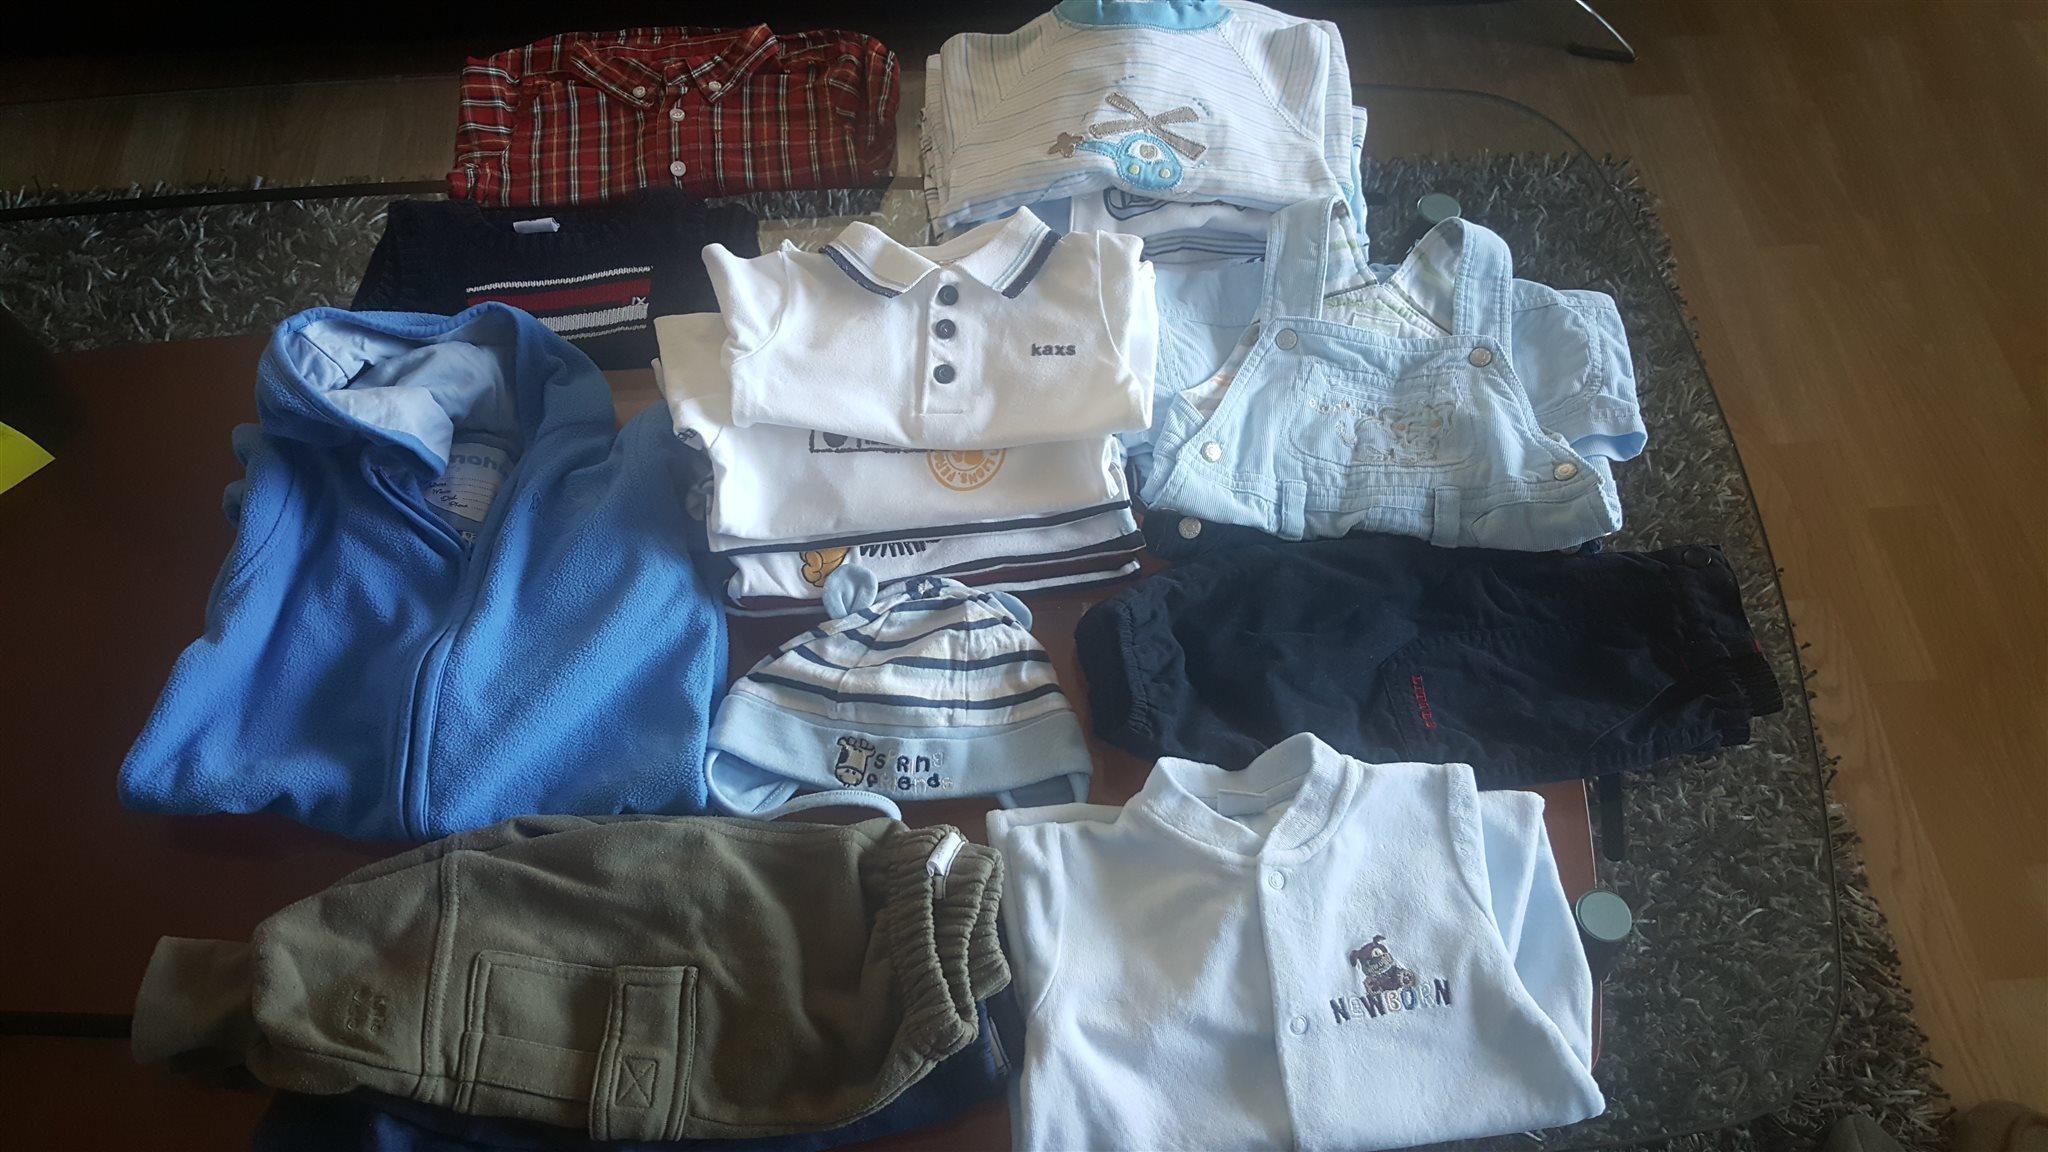 Barnkläder storlek 62-68 (315068173) ᐈ Köp på Tradera.com b7c753420e1c6